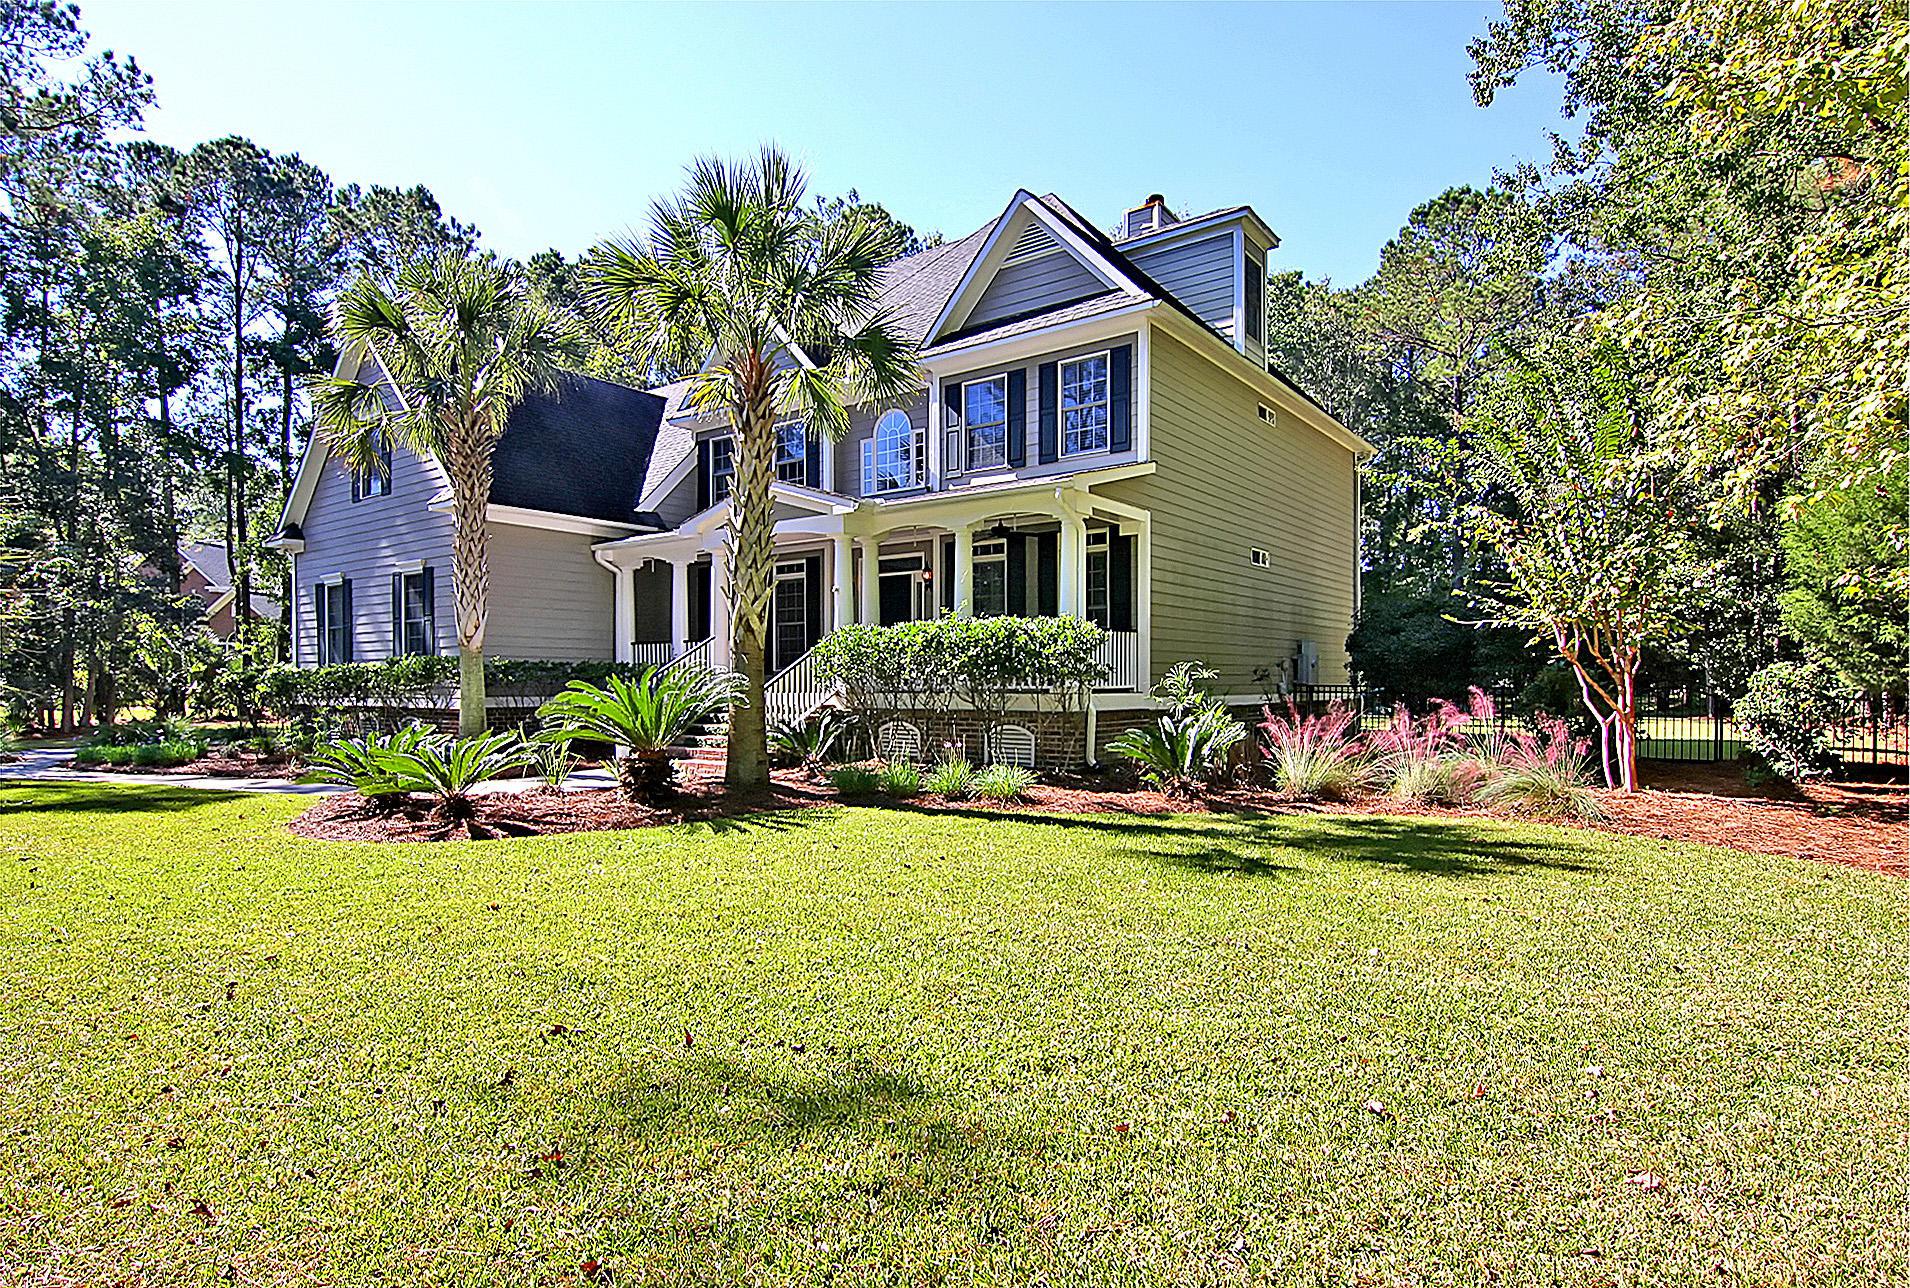 Dunes West Homes For Sale - 2236 Black Oak, Mount Pleasant, SC - 12